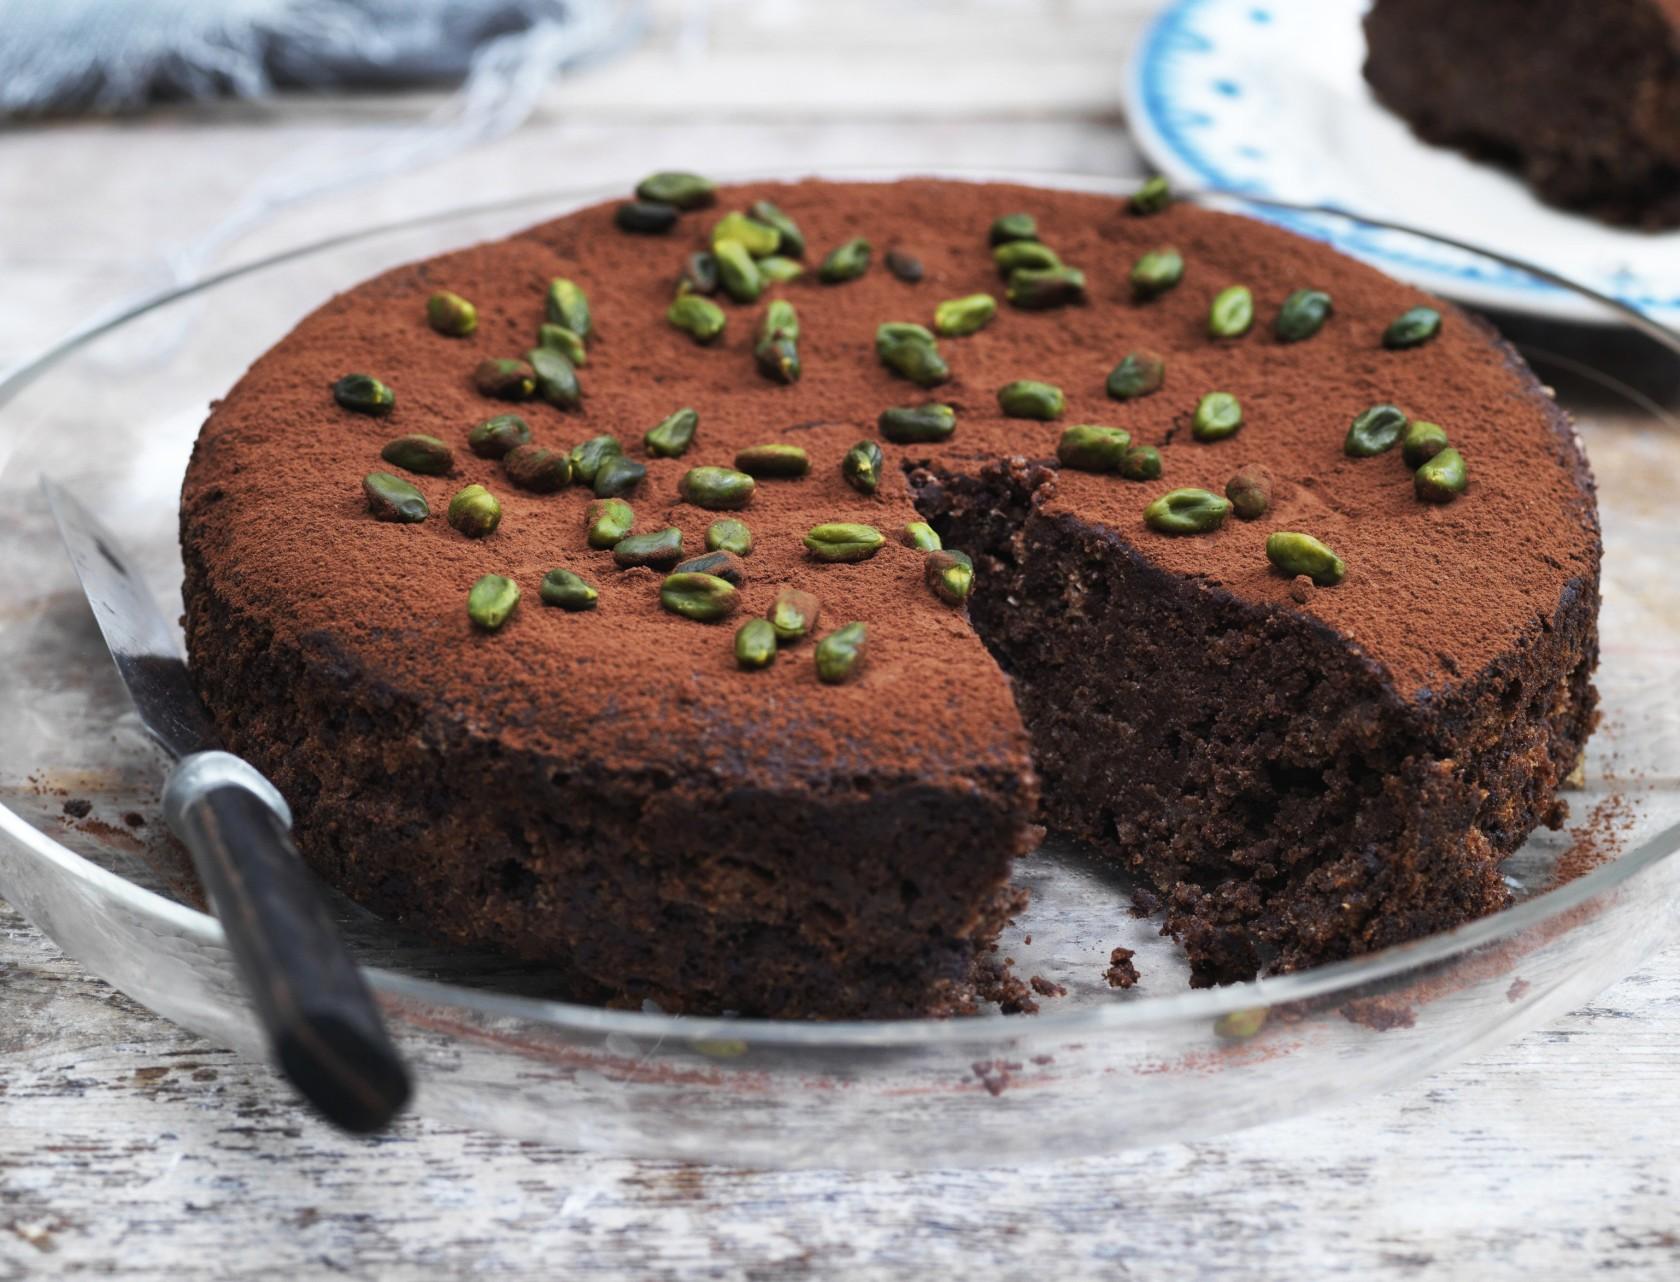 Glutenfri chokoladekage med nødder og mandler - god opskrift på kage uden mel.